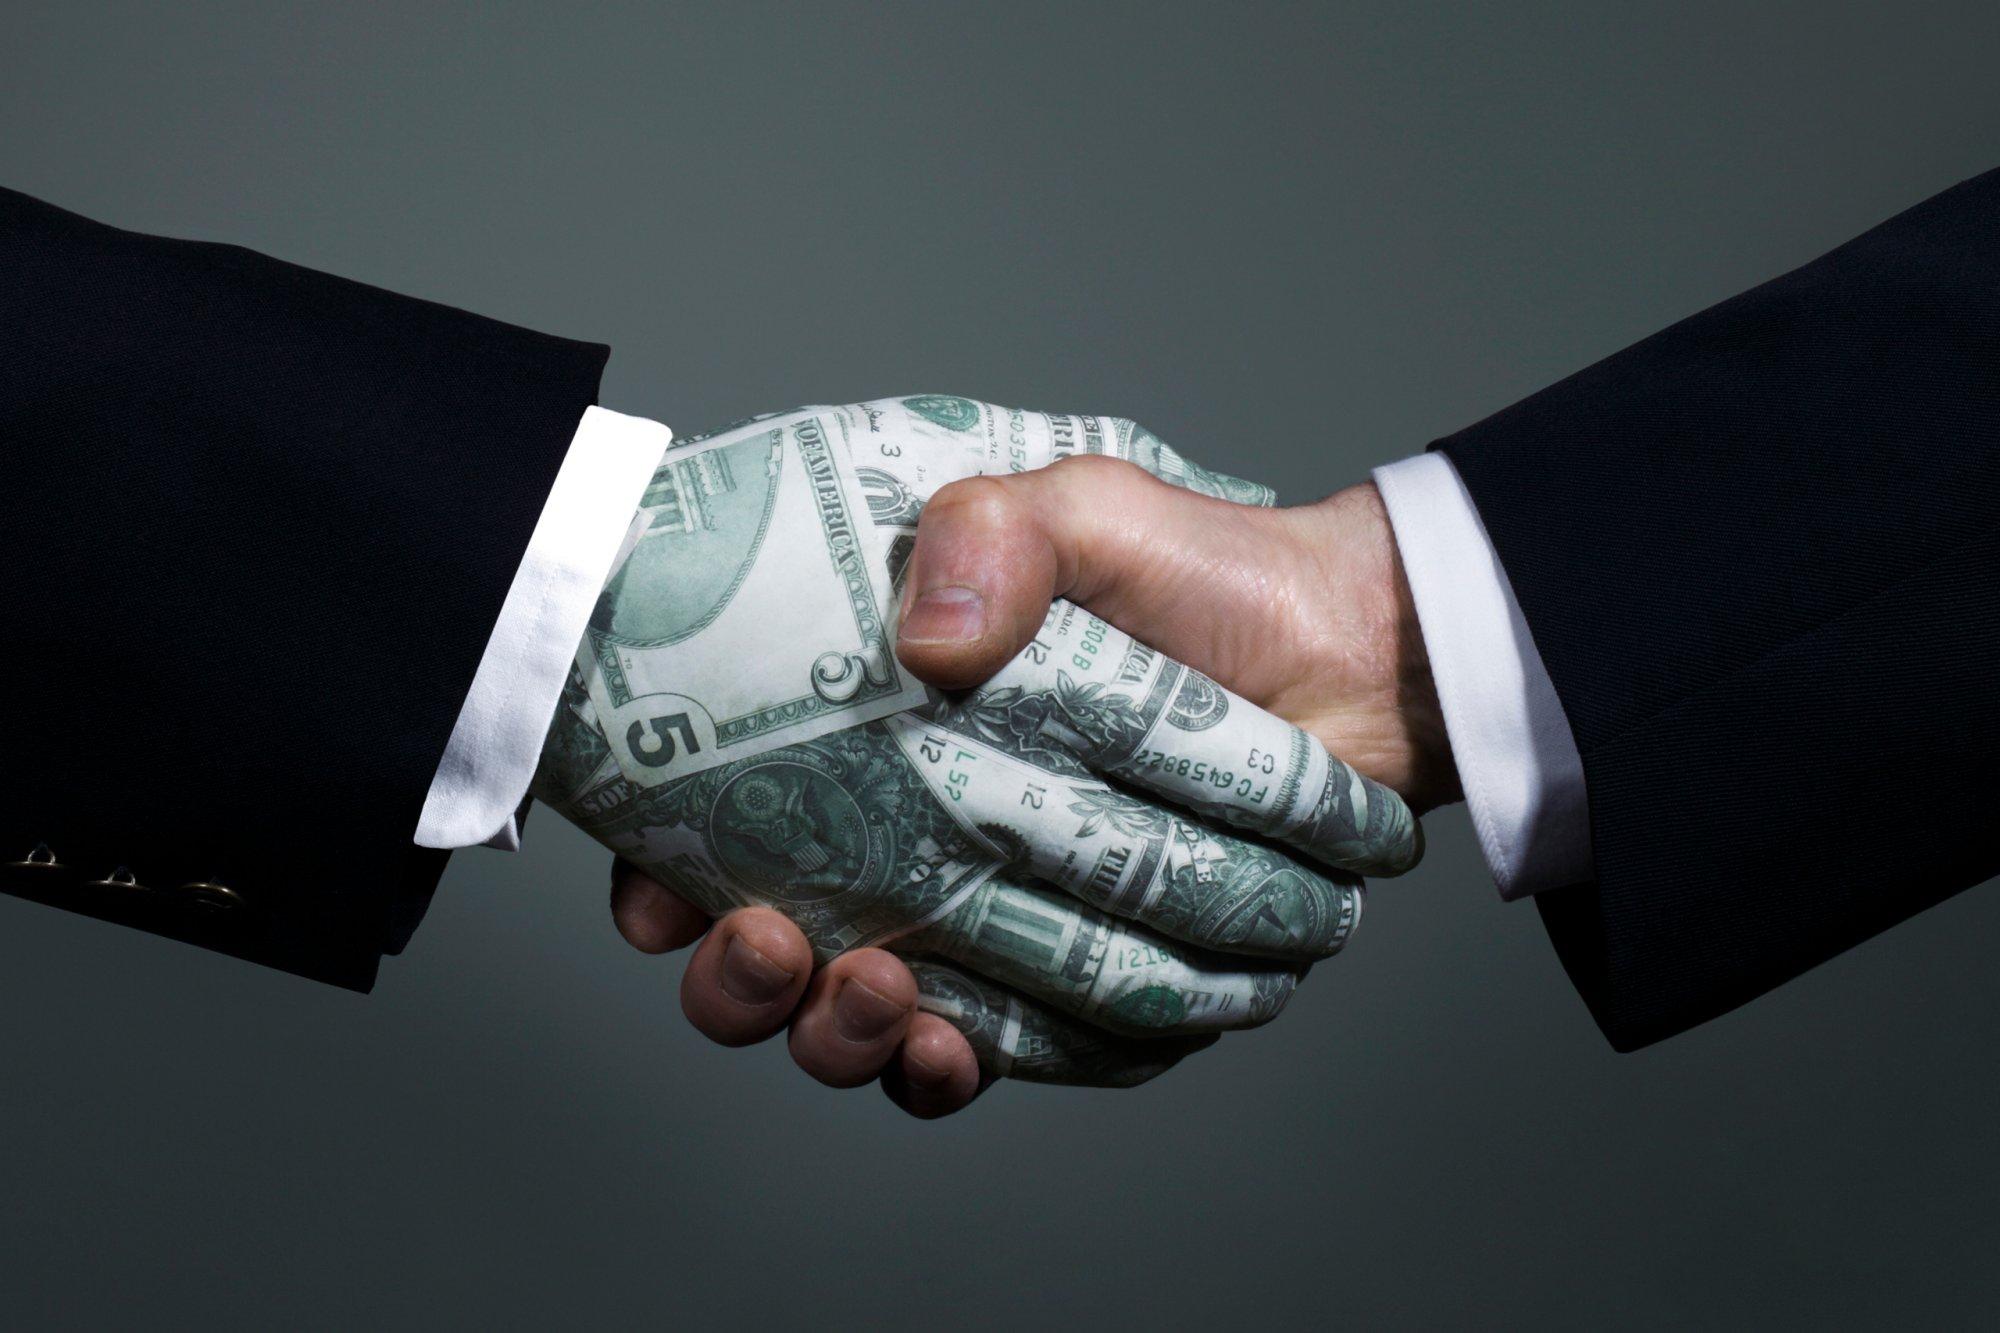 los-10-rasgos-del-caracter-emprendedor-que-buscan-los-inversores